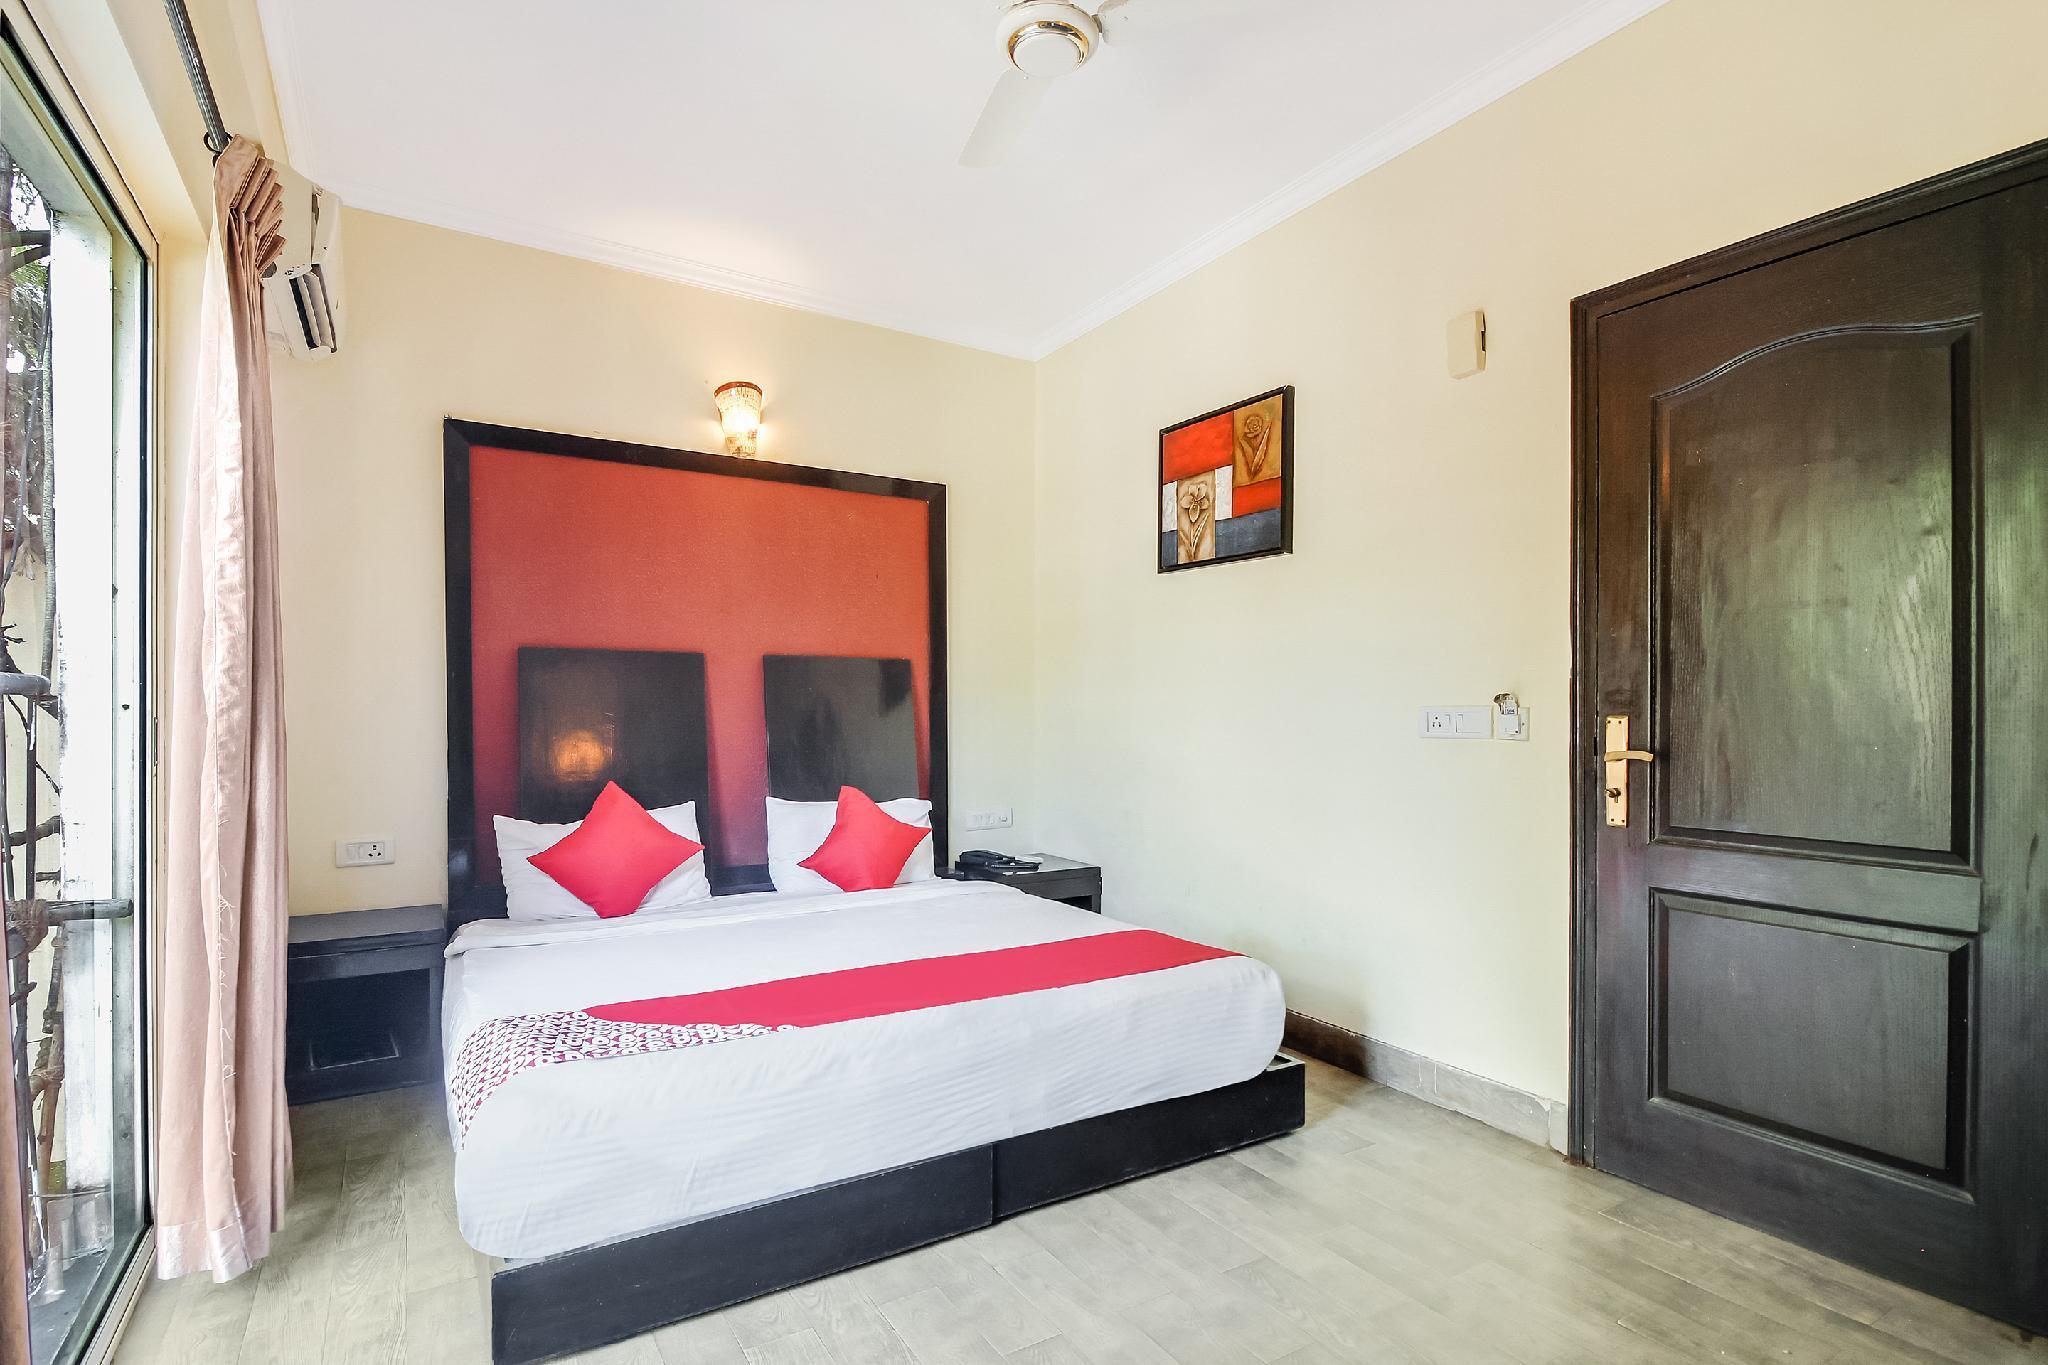 OYO 17228 Hotel La Flamingo